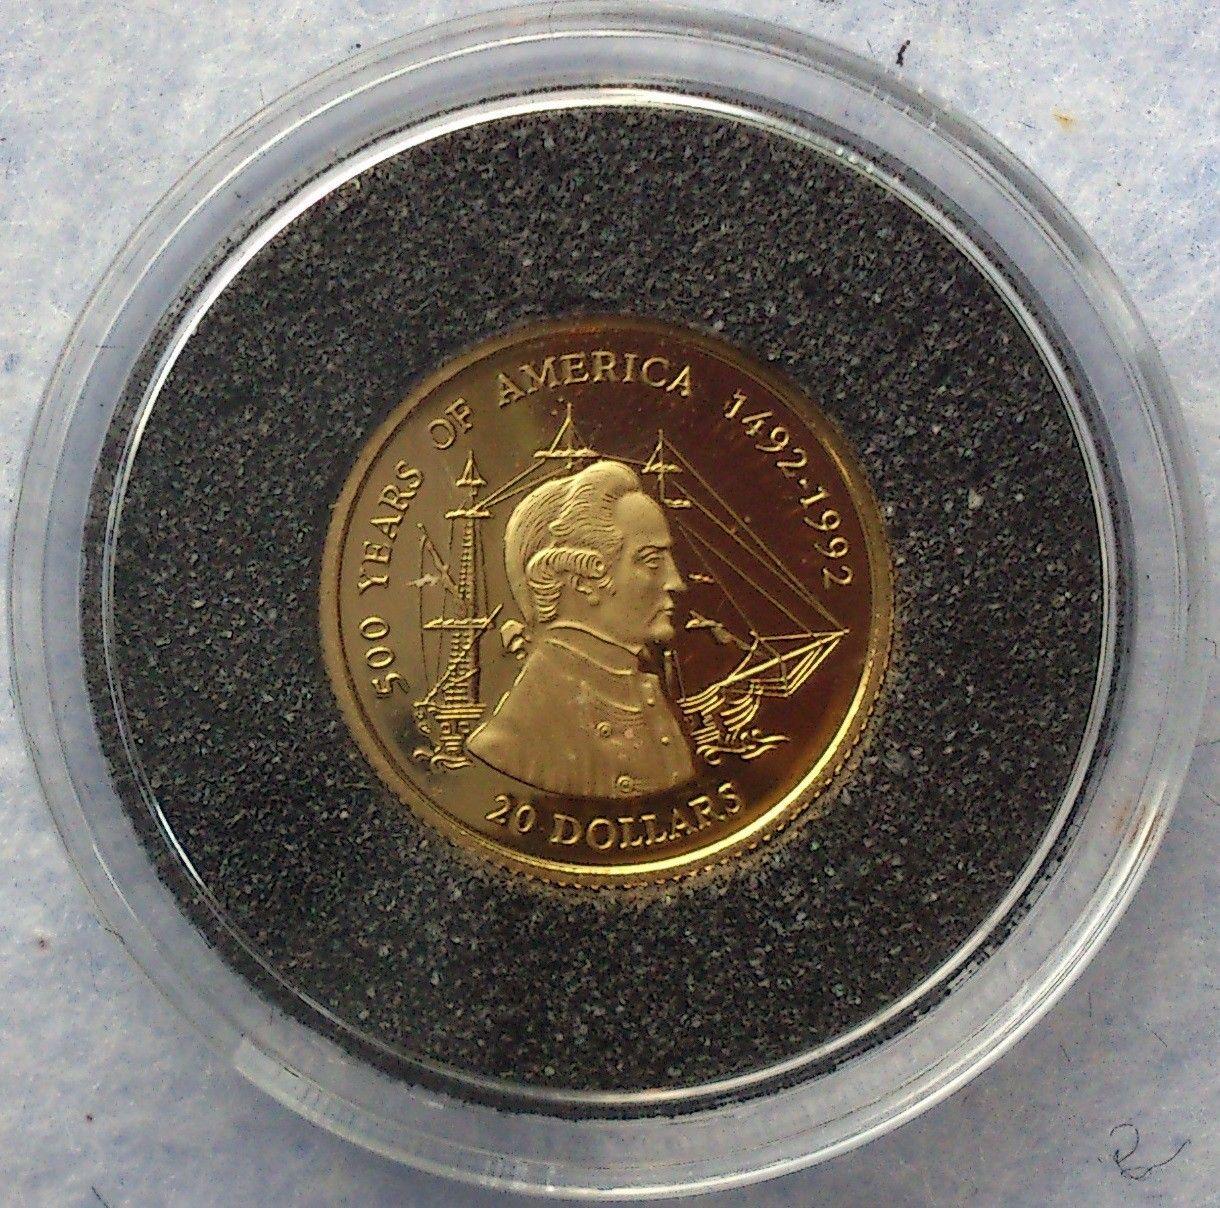 1995, 500 Years of America 1492 - 1992, gull - Krokkleiva  - 1995, Cook Islands, 1/25 oz, 999 gull. Proof mynt i kapsel. Selges kr 575,- + porto, (skam-bud er unødvendig).  Vennligst ikke ring, send sms, pga sykdom. - Krokkleiva